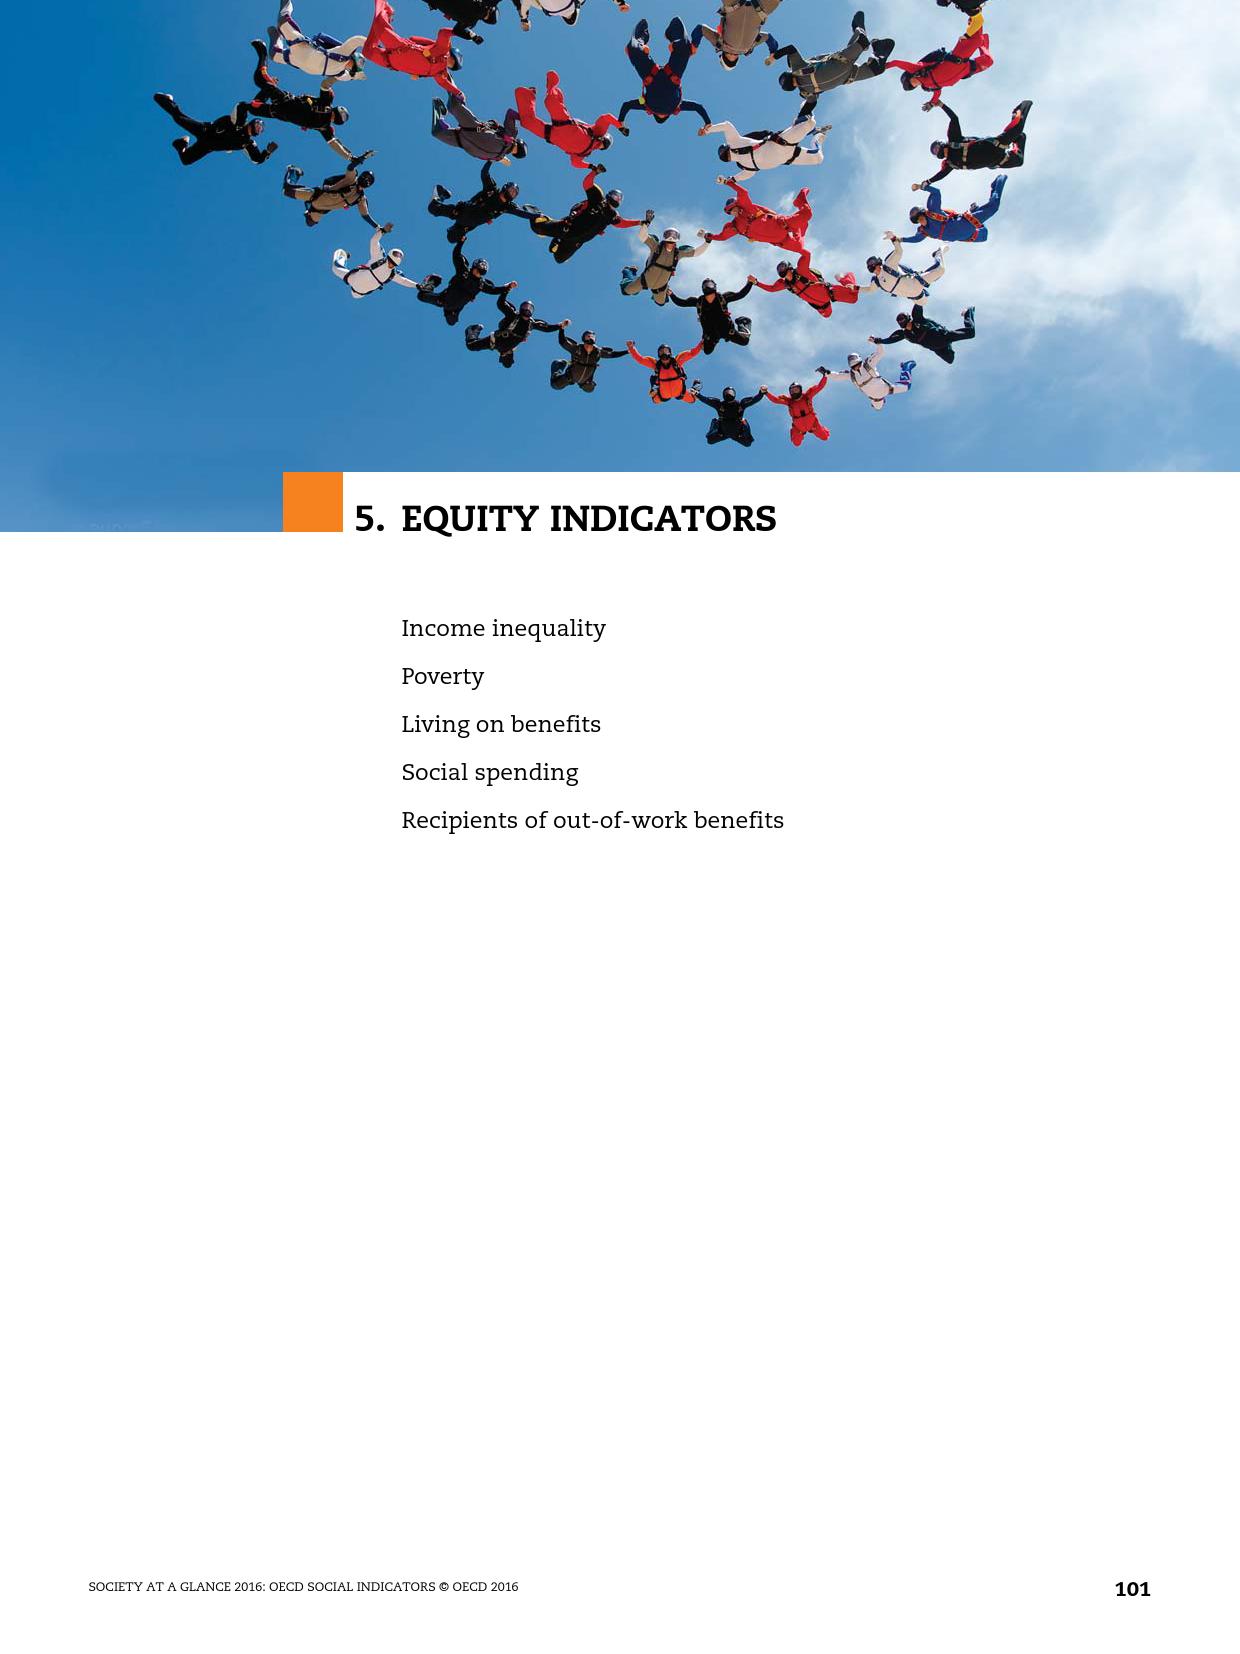 2016年OECD国家社会概览报告_000103